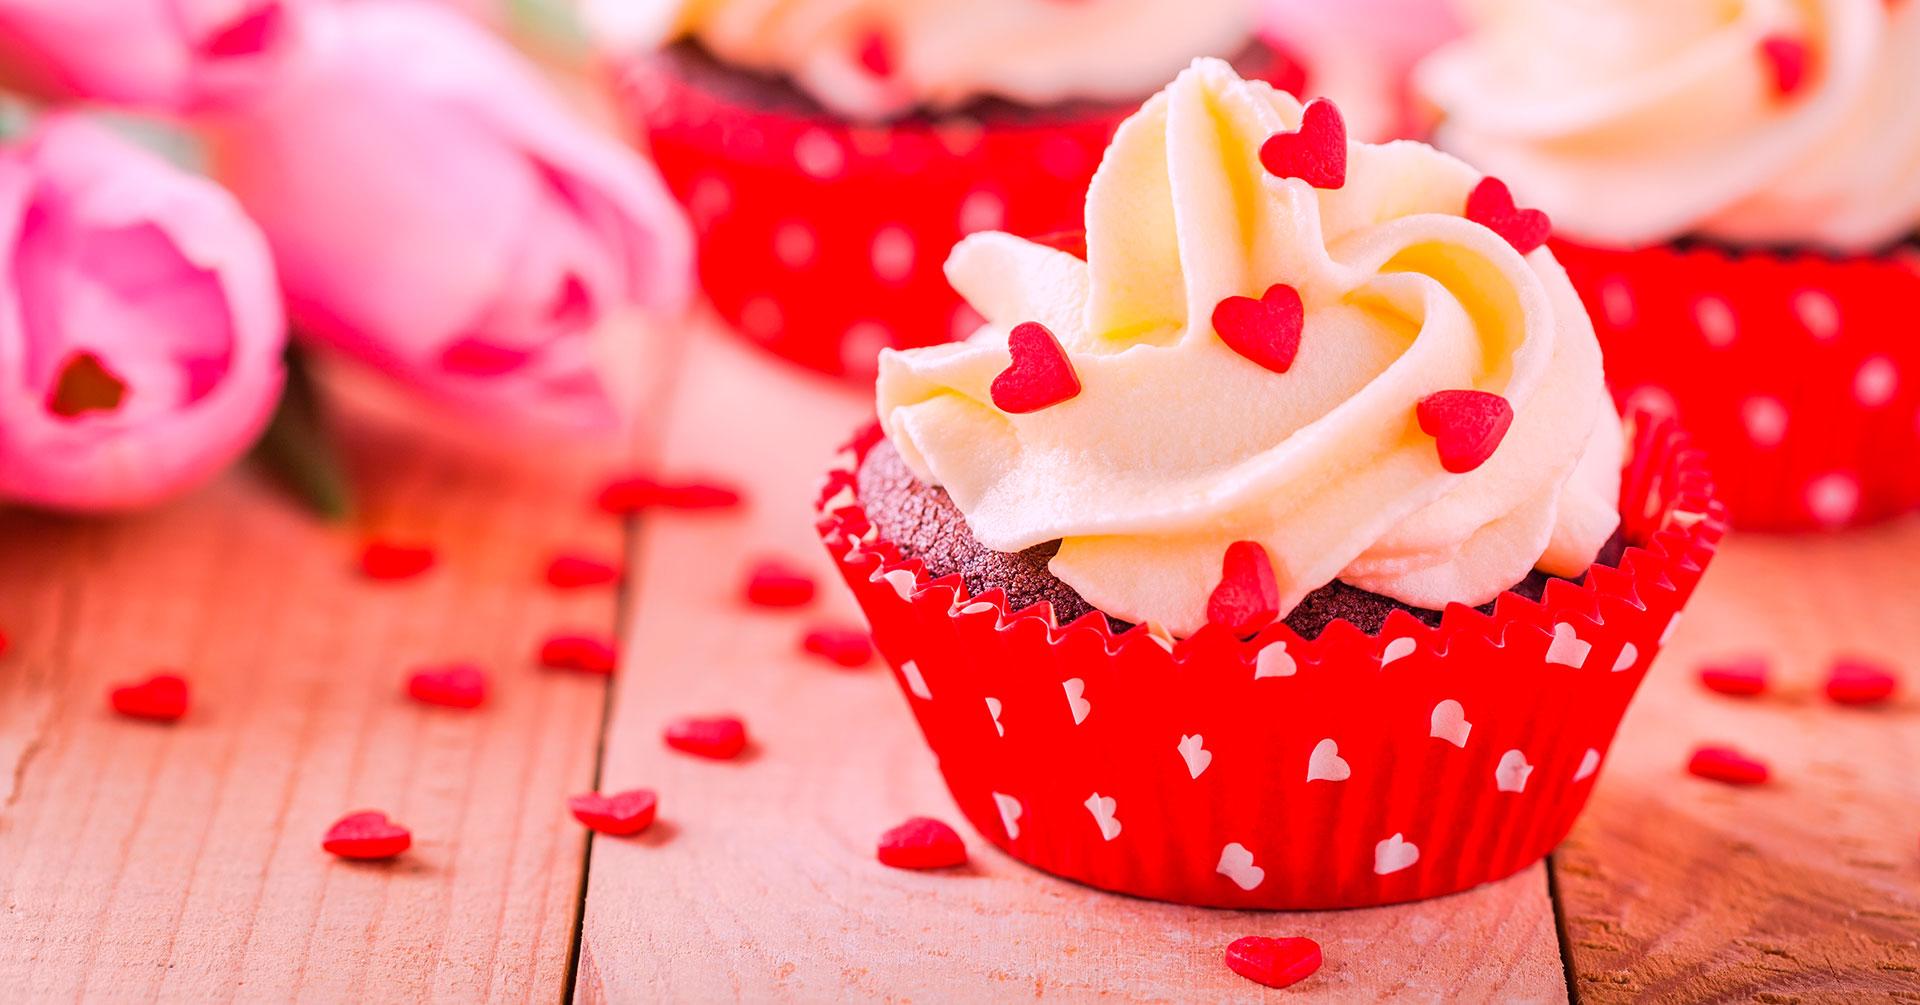 Postres con avena para enamorar en San Valentín